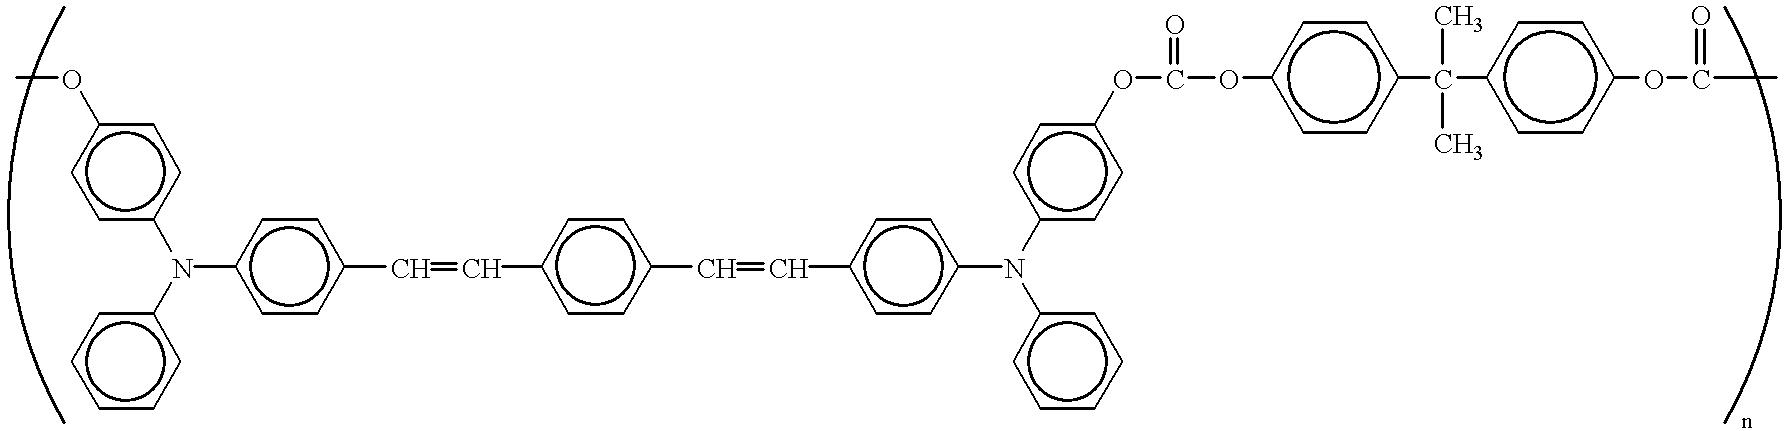 Figure US06558863-20030506-C00053